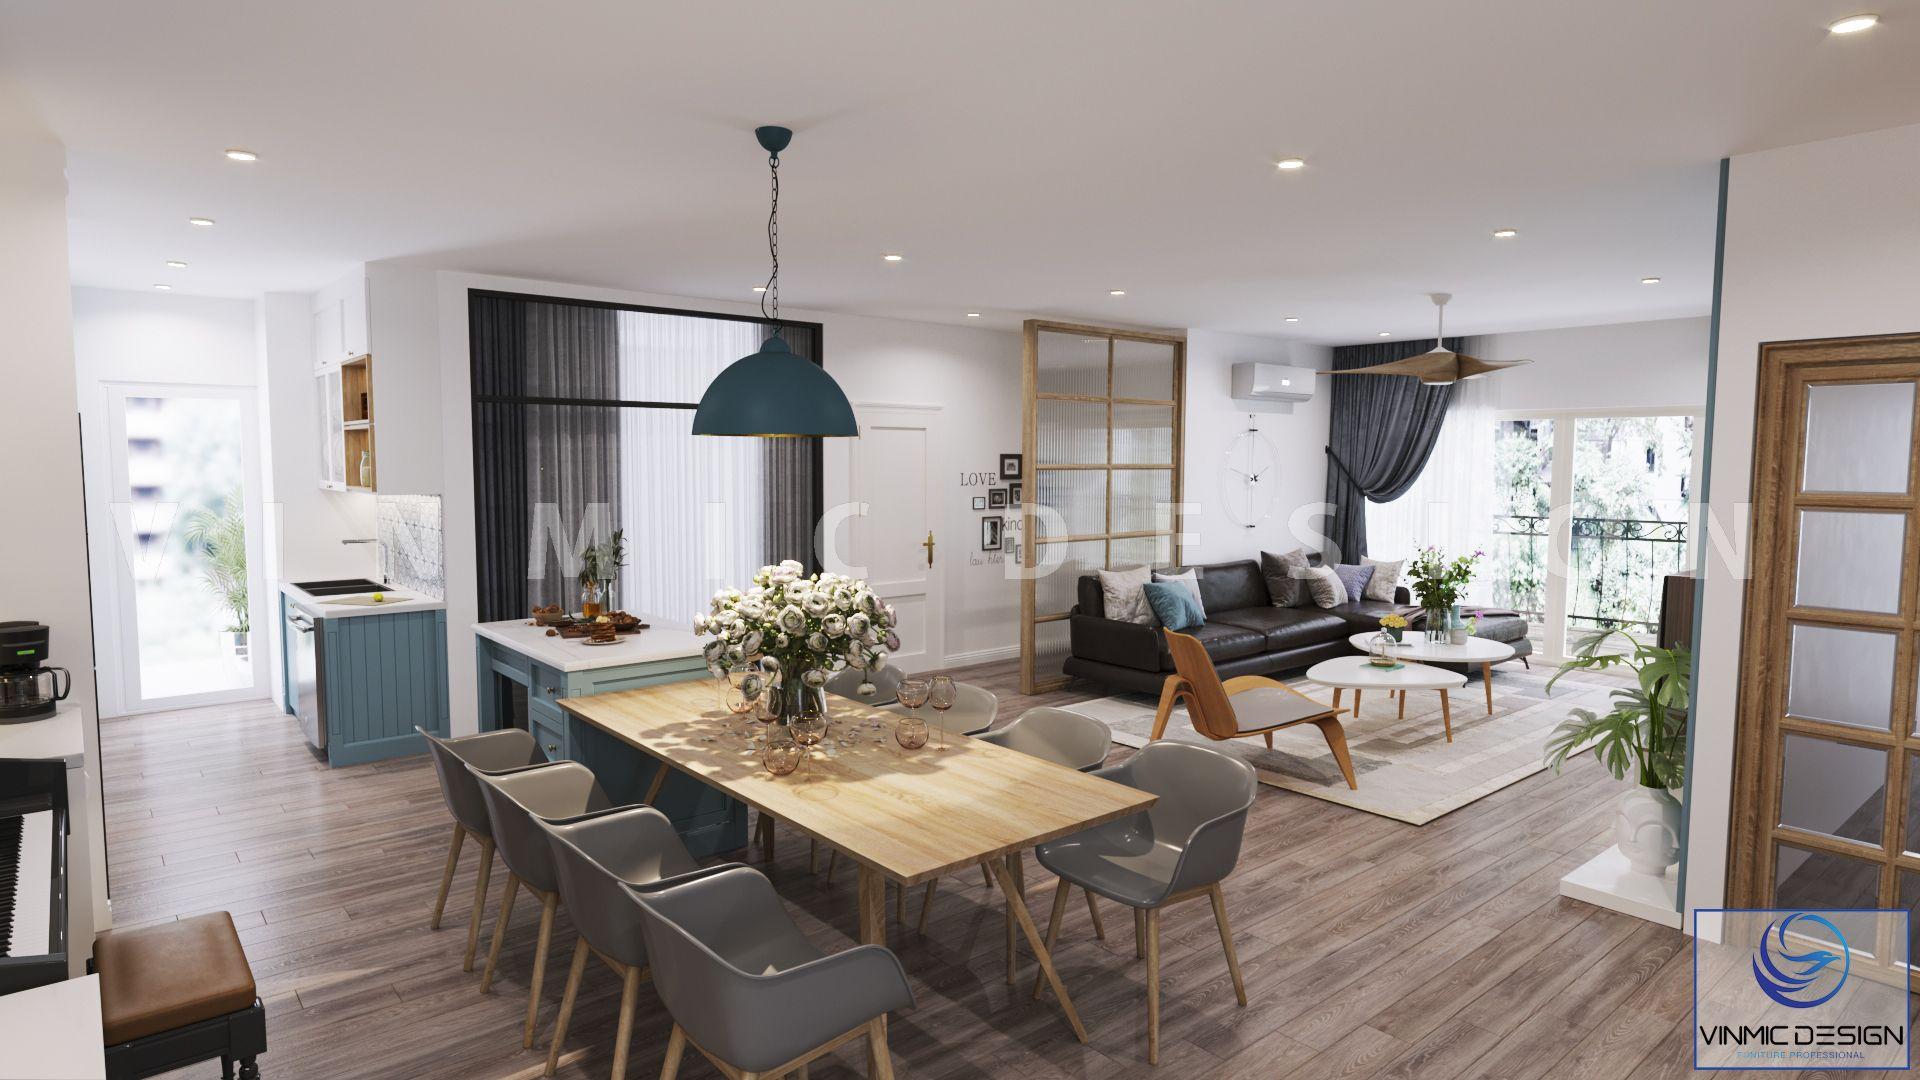 Thiết kế nội thất phòng khách chung cư rộng rãi và rất đơn giản